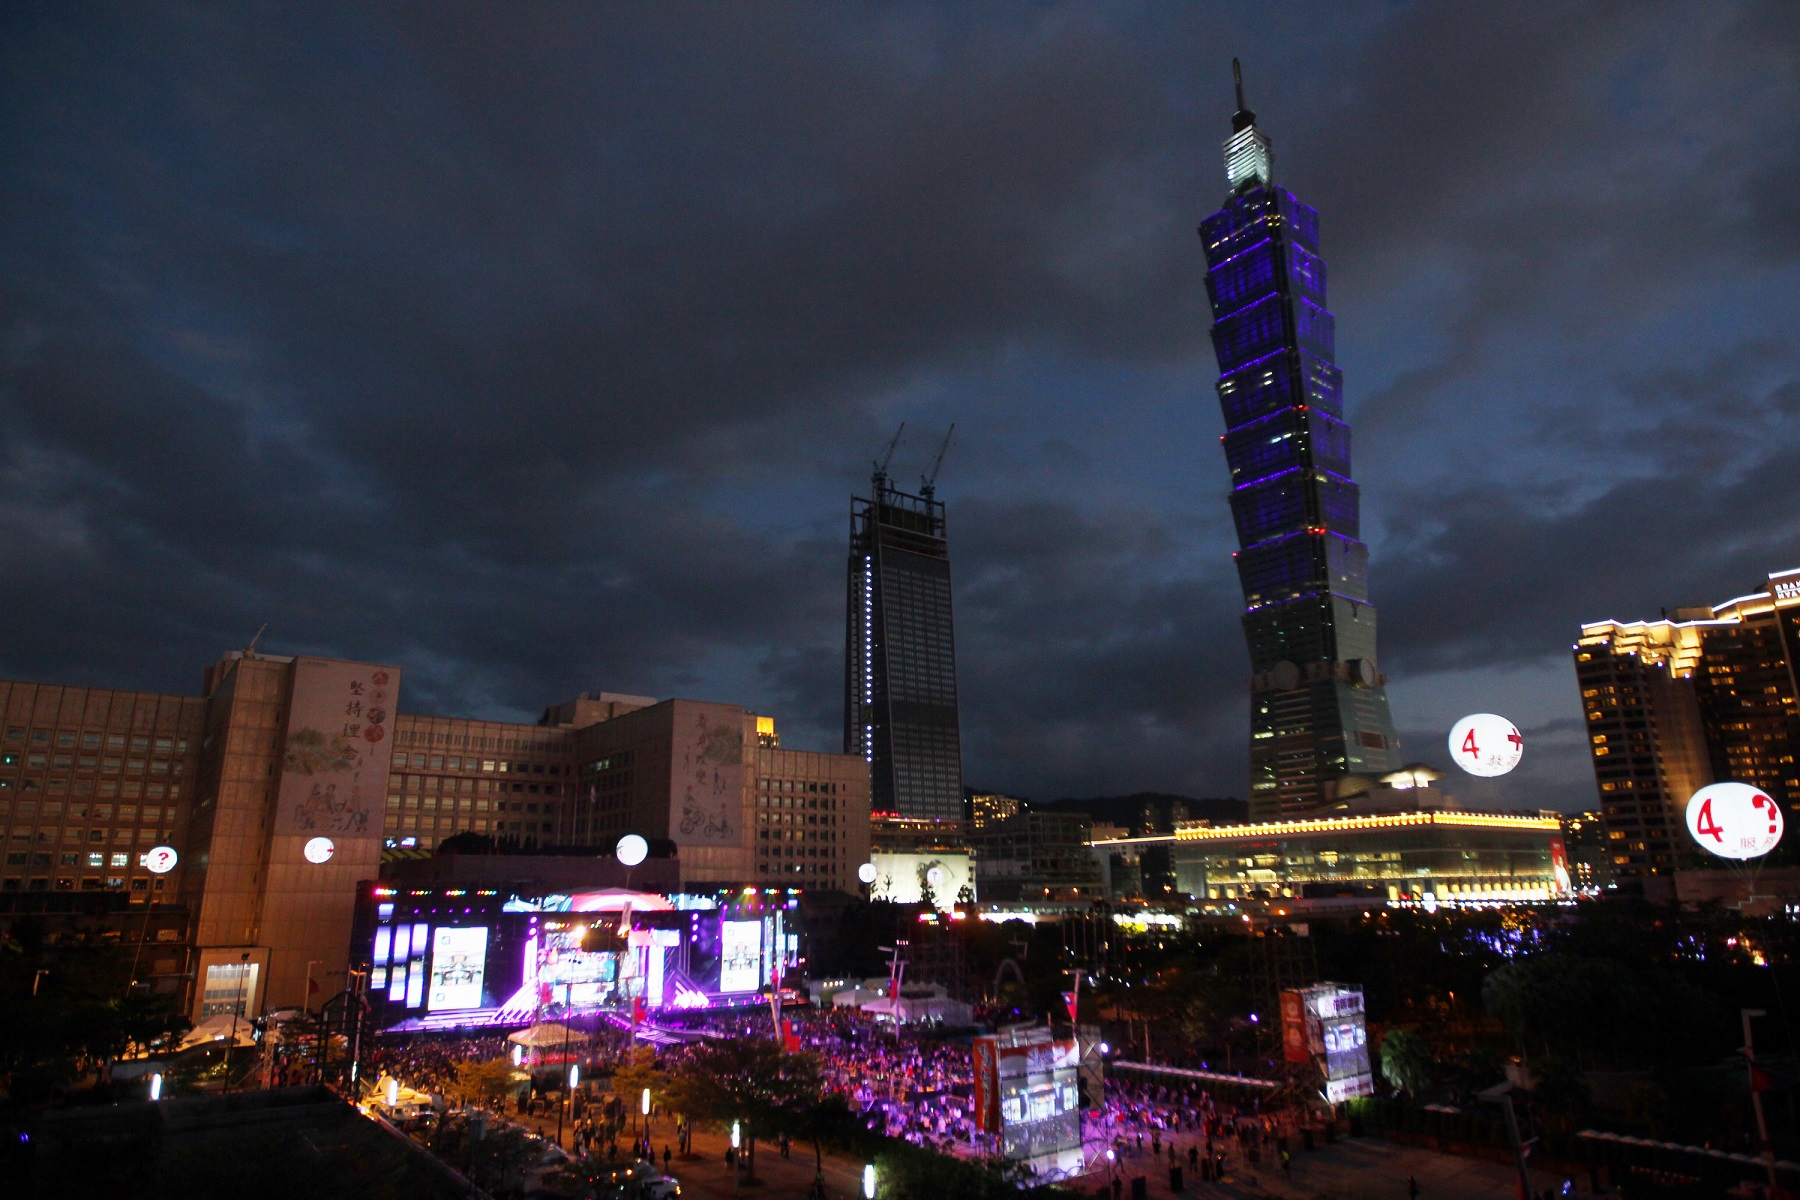 台北市跨年晚會31日晚間7時即將登場,許多民眾前往市府廣場周邊,準備迎接新年到來。